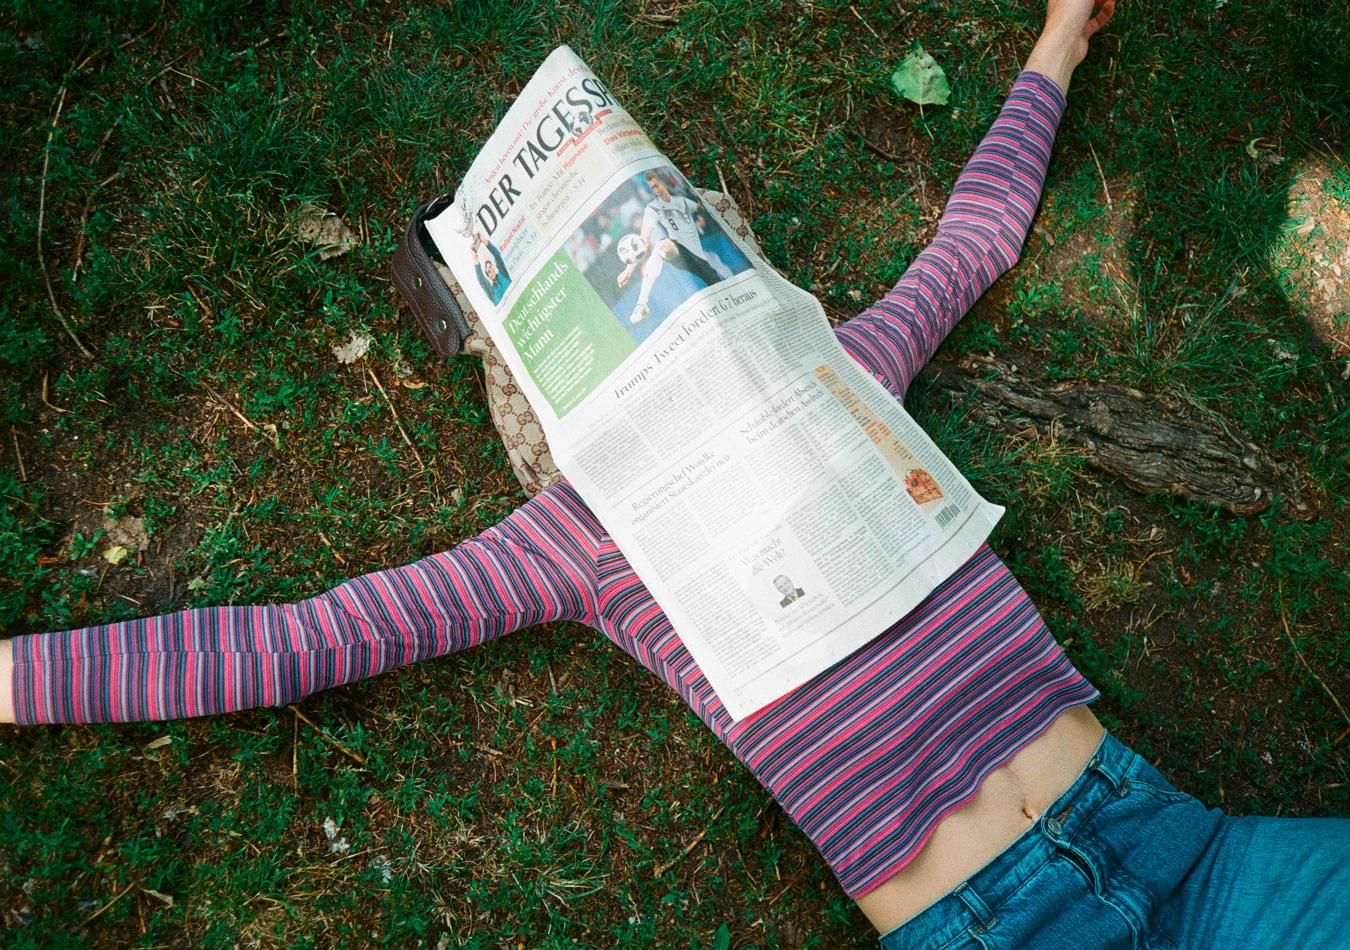 Asexualität-Asexuell-Zeitung-Wiese-Ringelpullover-Streifen